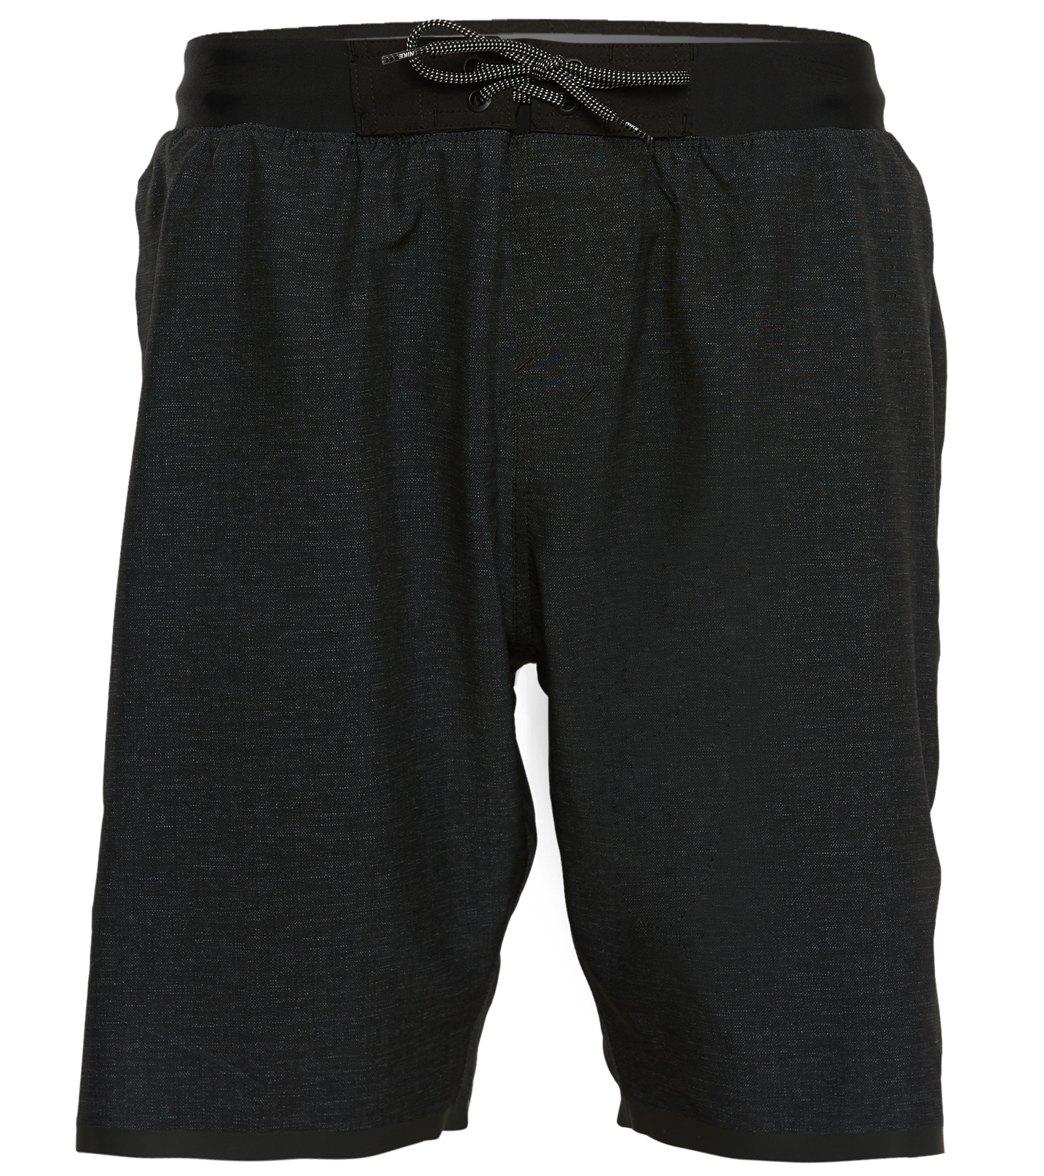 fdf40de595 Nike Men's 20